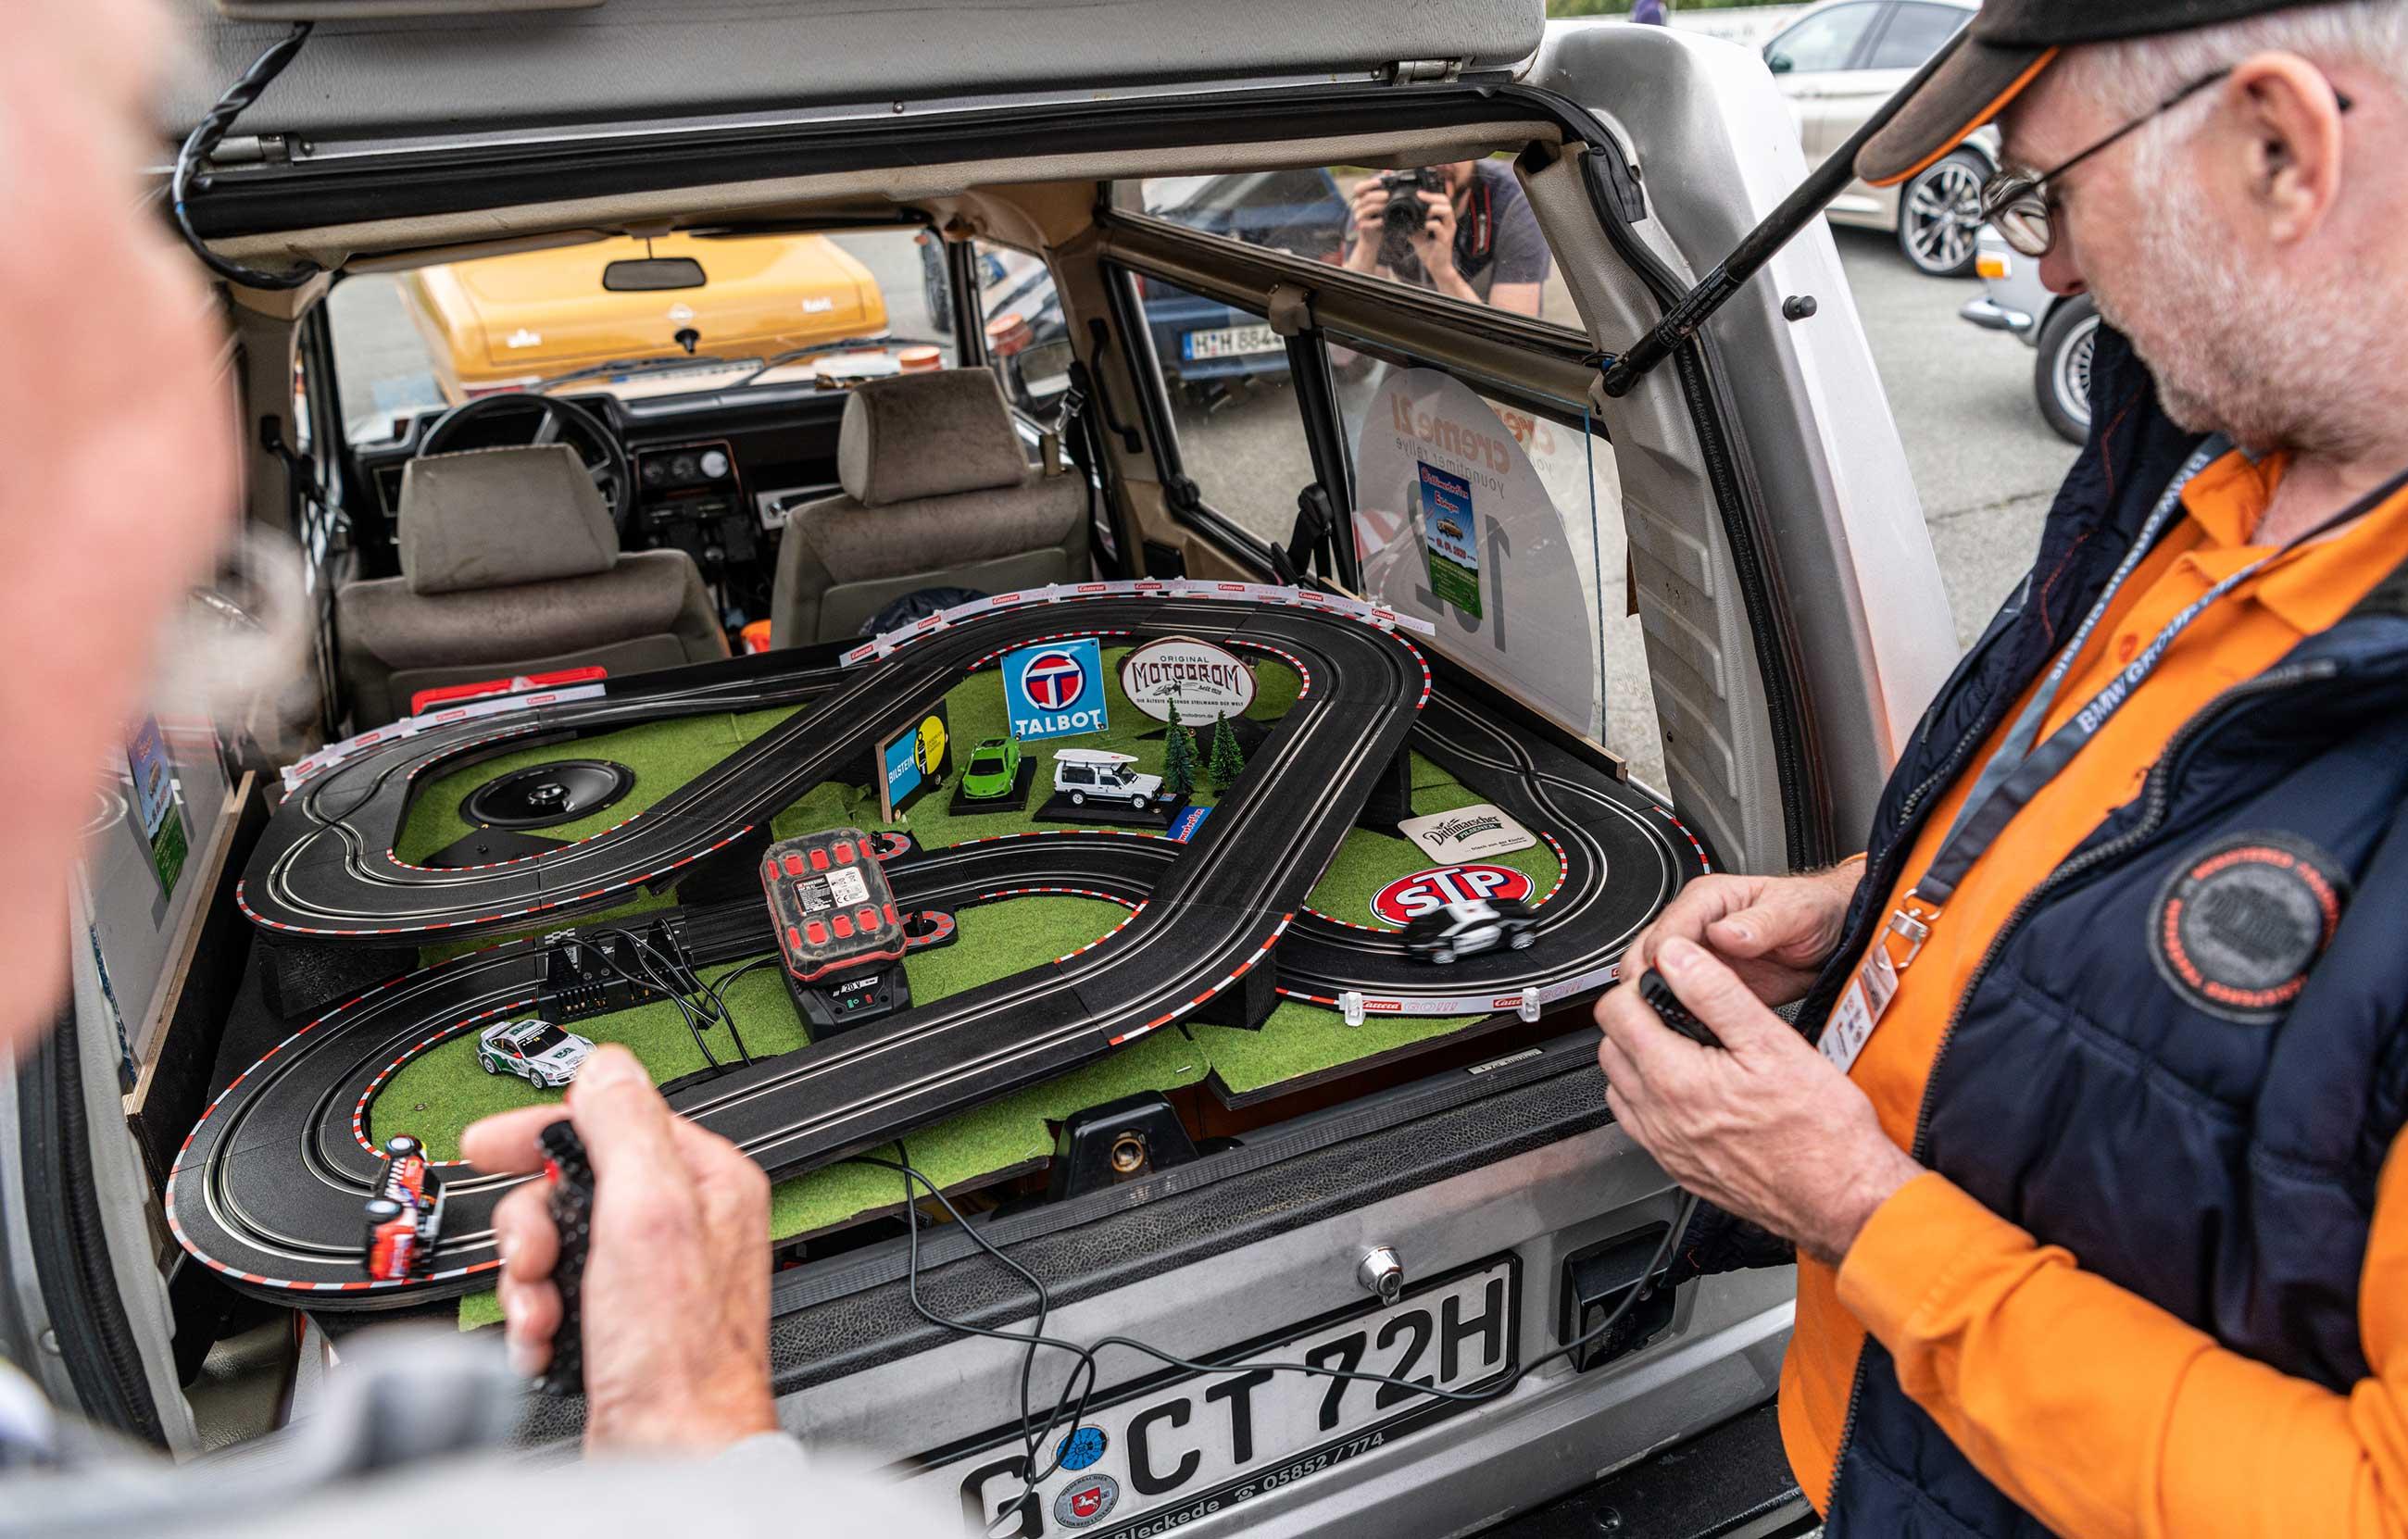 Bericht: Meine Teilnahme an der Creme 21 Youngtimer Rallye 2019 Creme-21-Youngtimer-Rallye-2019_Nachbericht_98